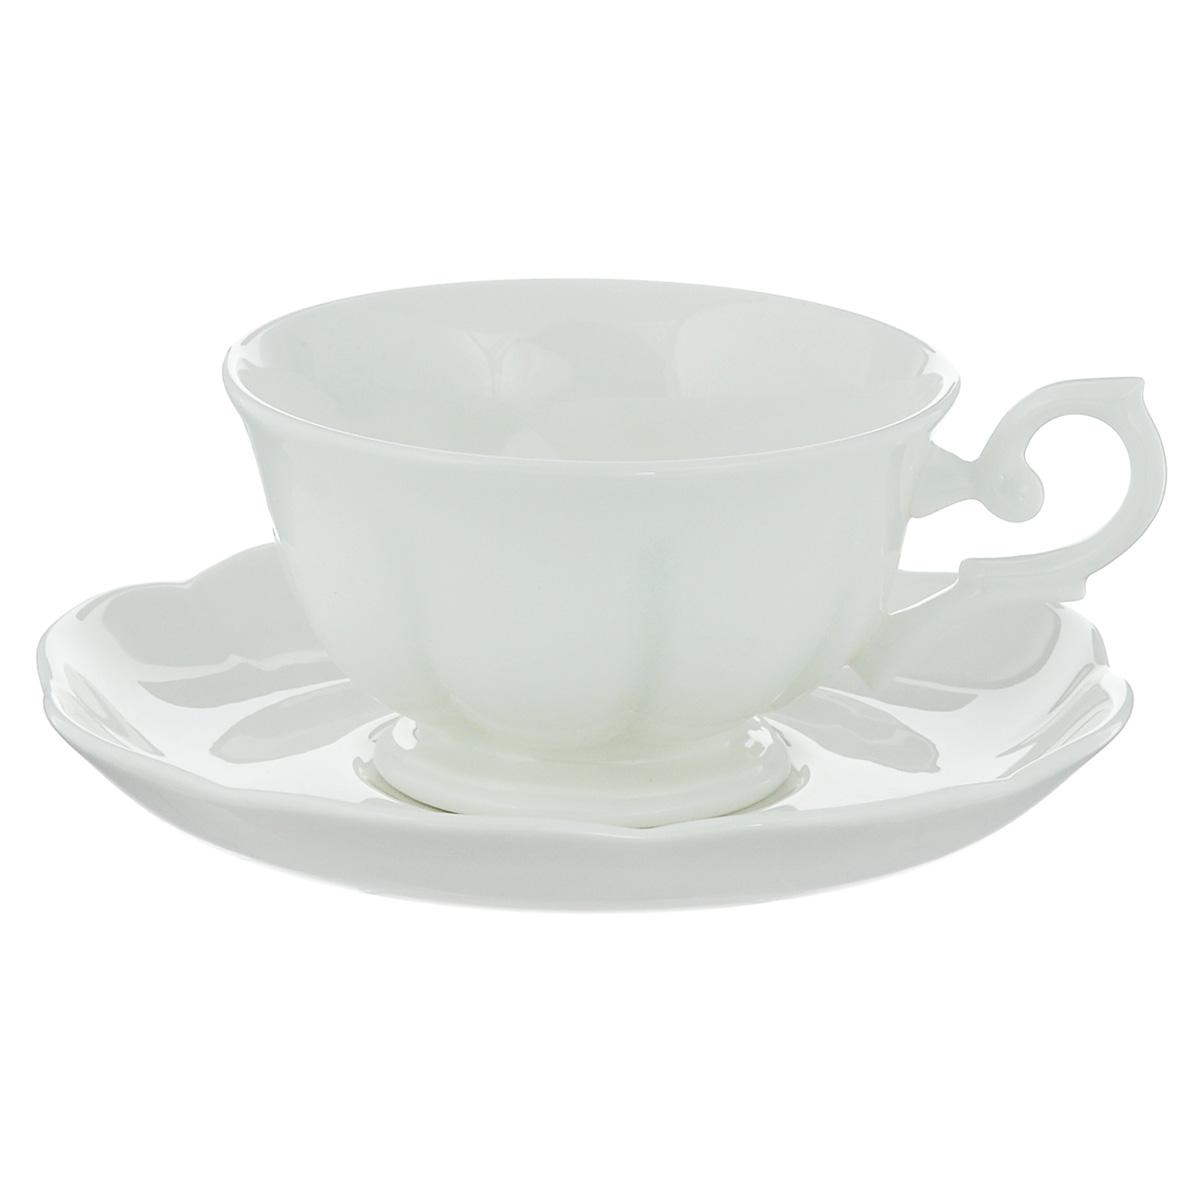 Чайная пара Royal Bone China White, 2 предмета89ww/0366Набор Royal Bone China White состоит из чашки и блюдца, изготовленных из костяного фарфора с содержанием костяной муки (45%). Основным достоинством изделий из костяного фарфора является абсолютно гладкая глазуровка. Такие изделия сочетают в себе изысканный вид с прочностью и долговечностью. Кружка оснащена изящной ручкой и декорирована вертикальными бороздами, блюдце имеет волнообразные края. Изделия Royal Bone Chine по праву считаются элитными. Благодаря такому набору пить напитки будет еще вкуснее. Объем чашки: 180 мл. Диаметр блюдца: 15 см.